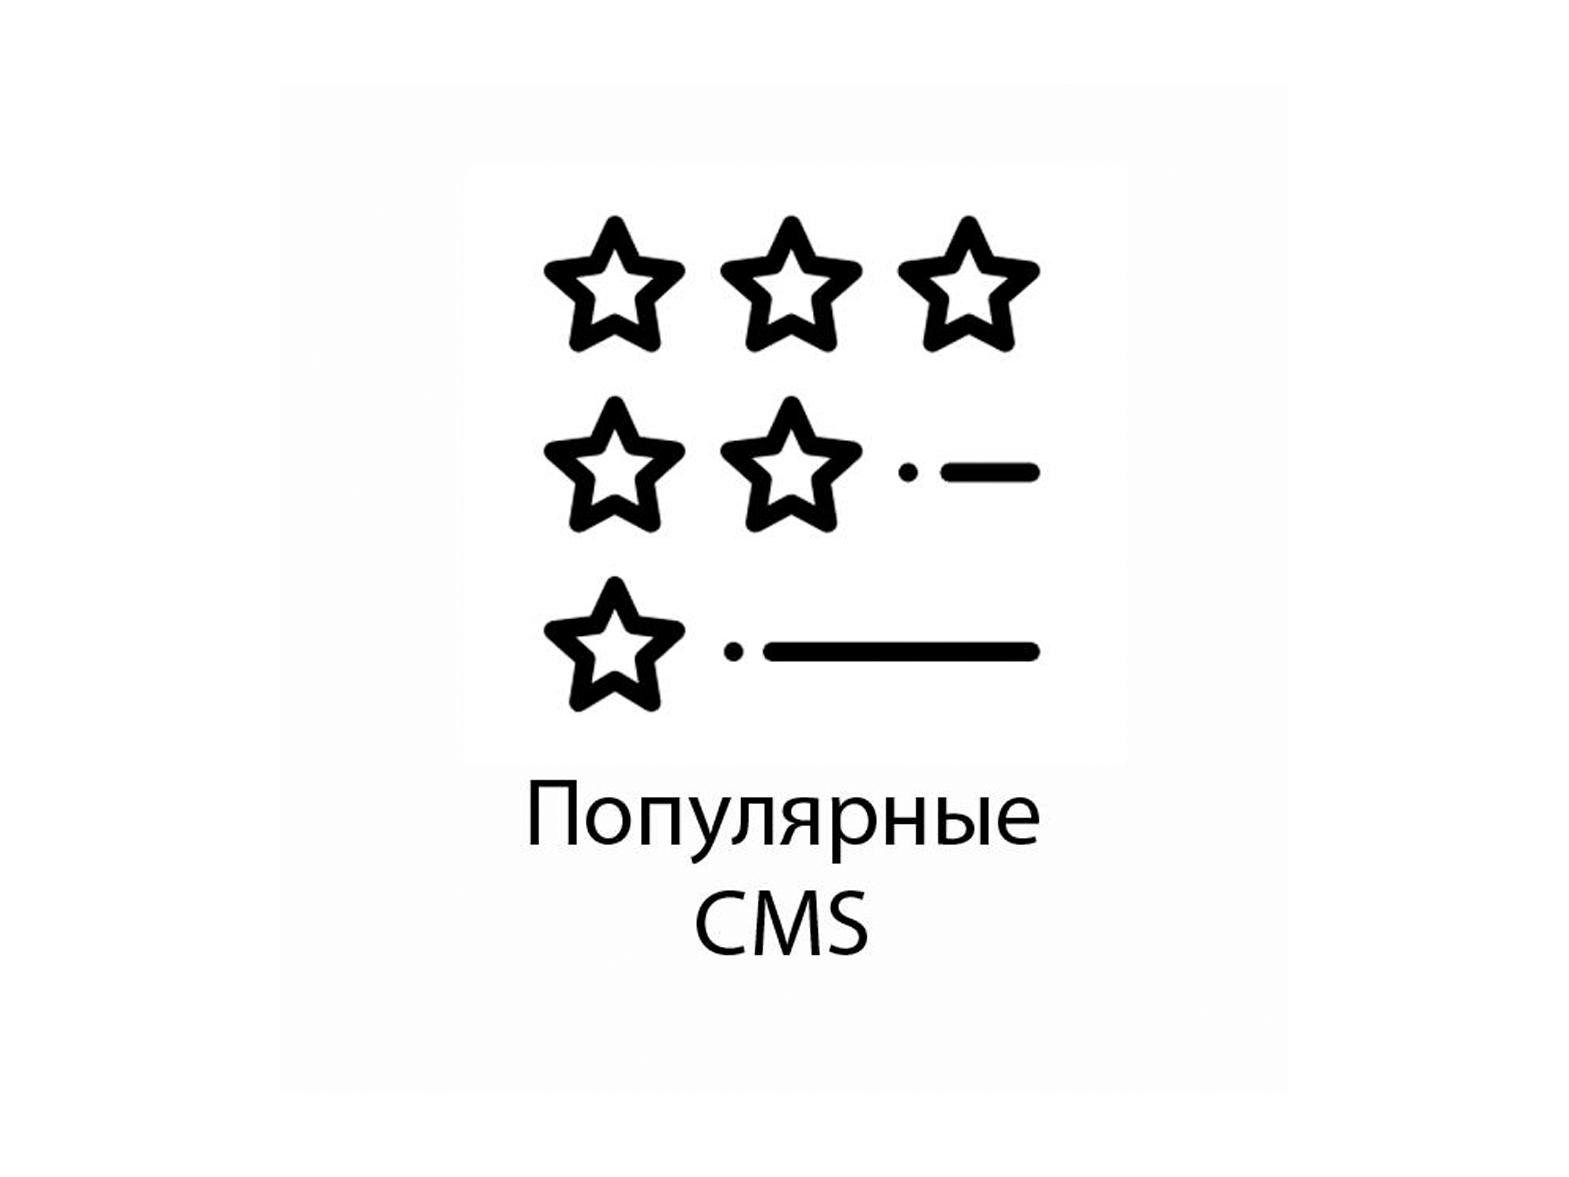 Рейтинг: самые популярные CMS в рунете и англоязычном